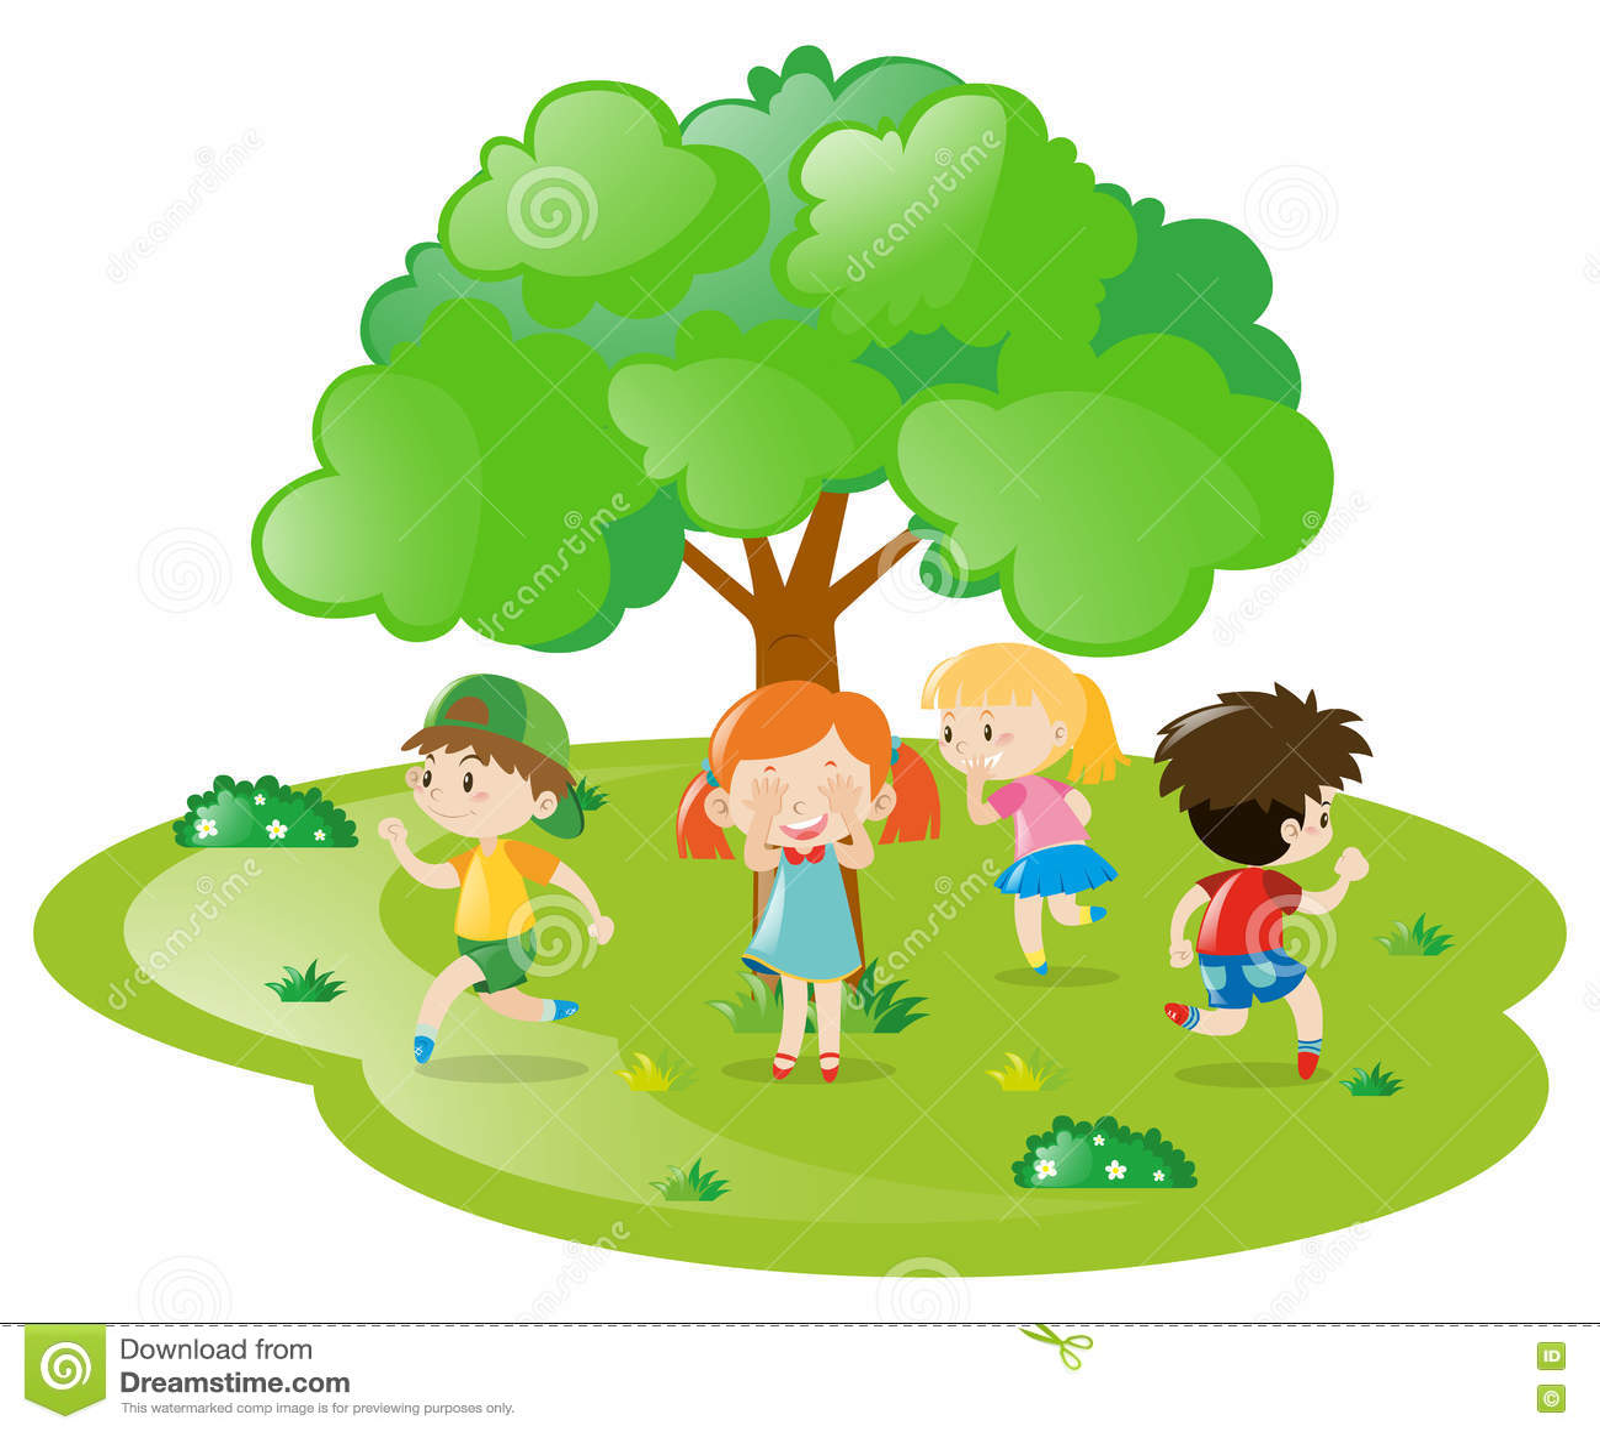 Kinder, Die Verstecken Im Park Spielen Vektor Abbildung ...